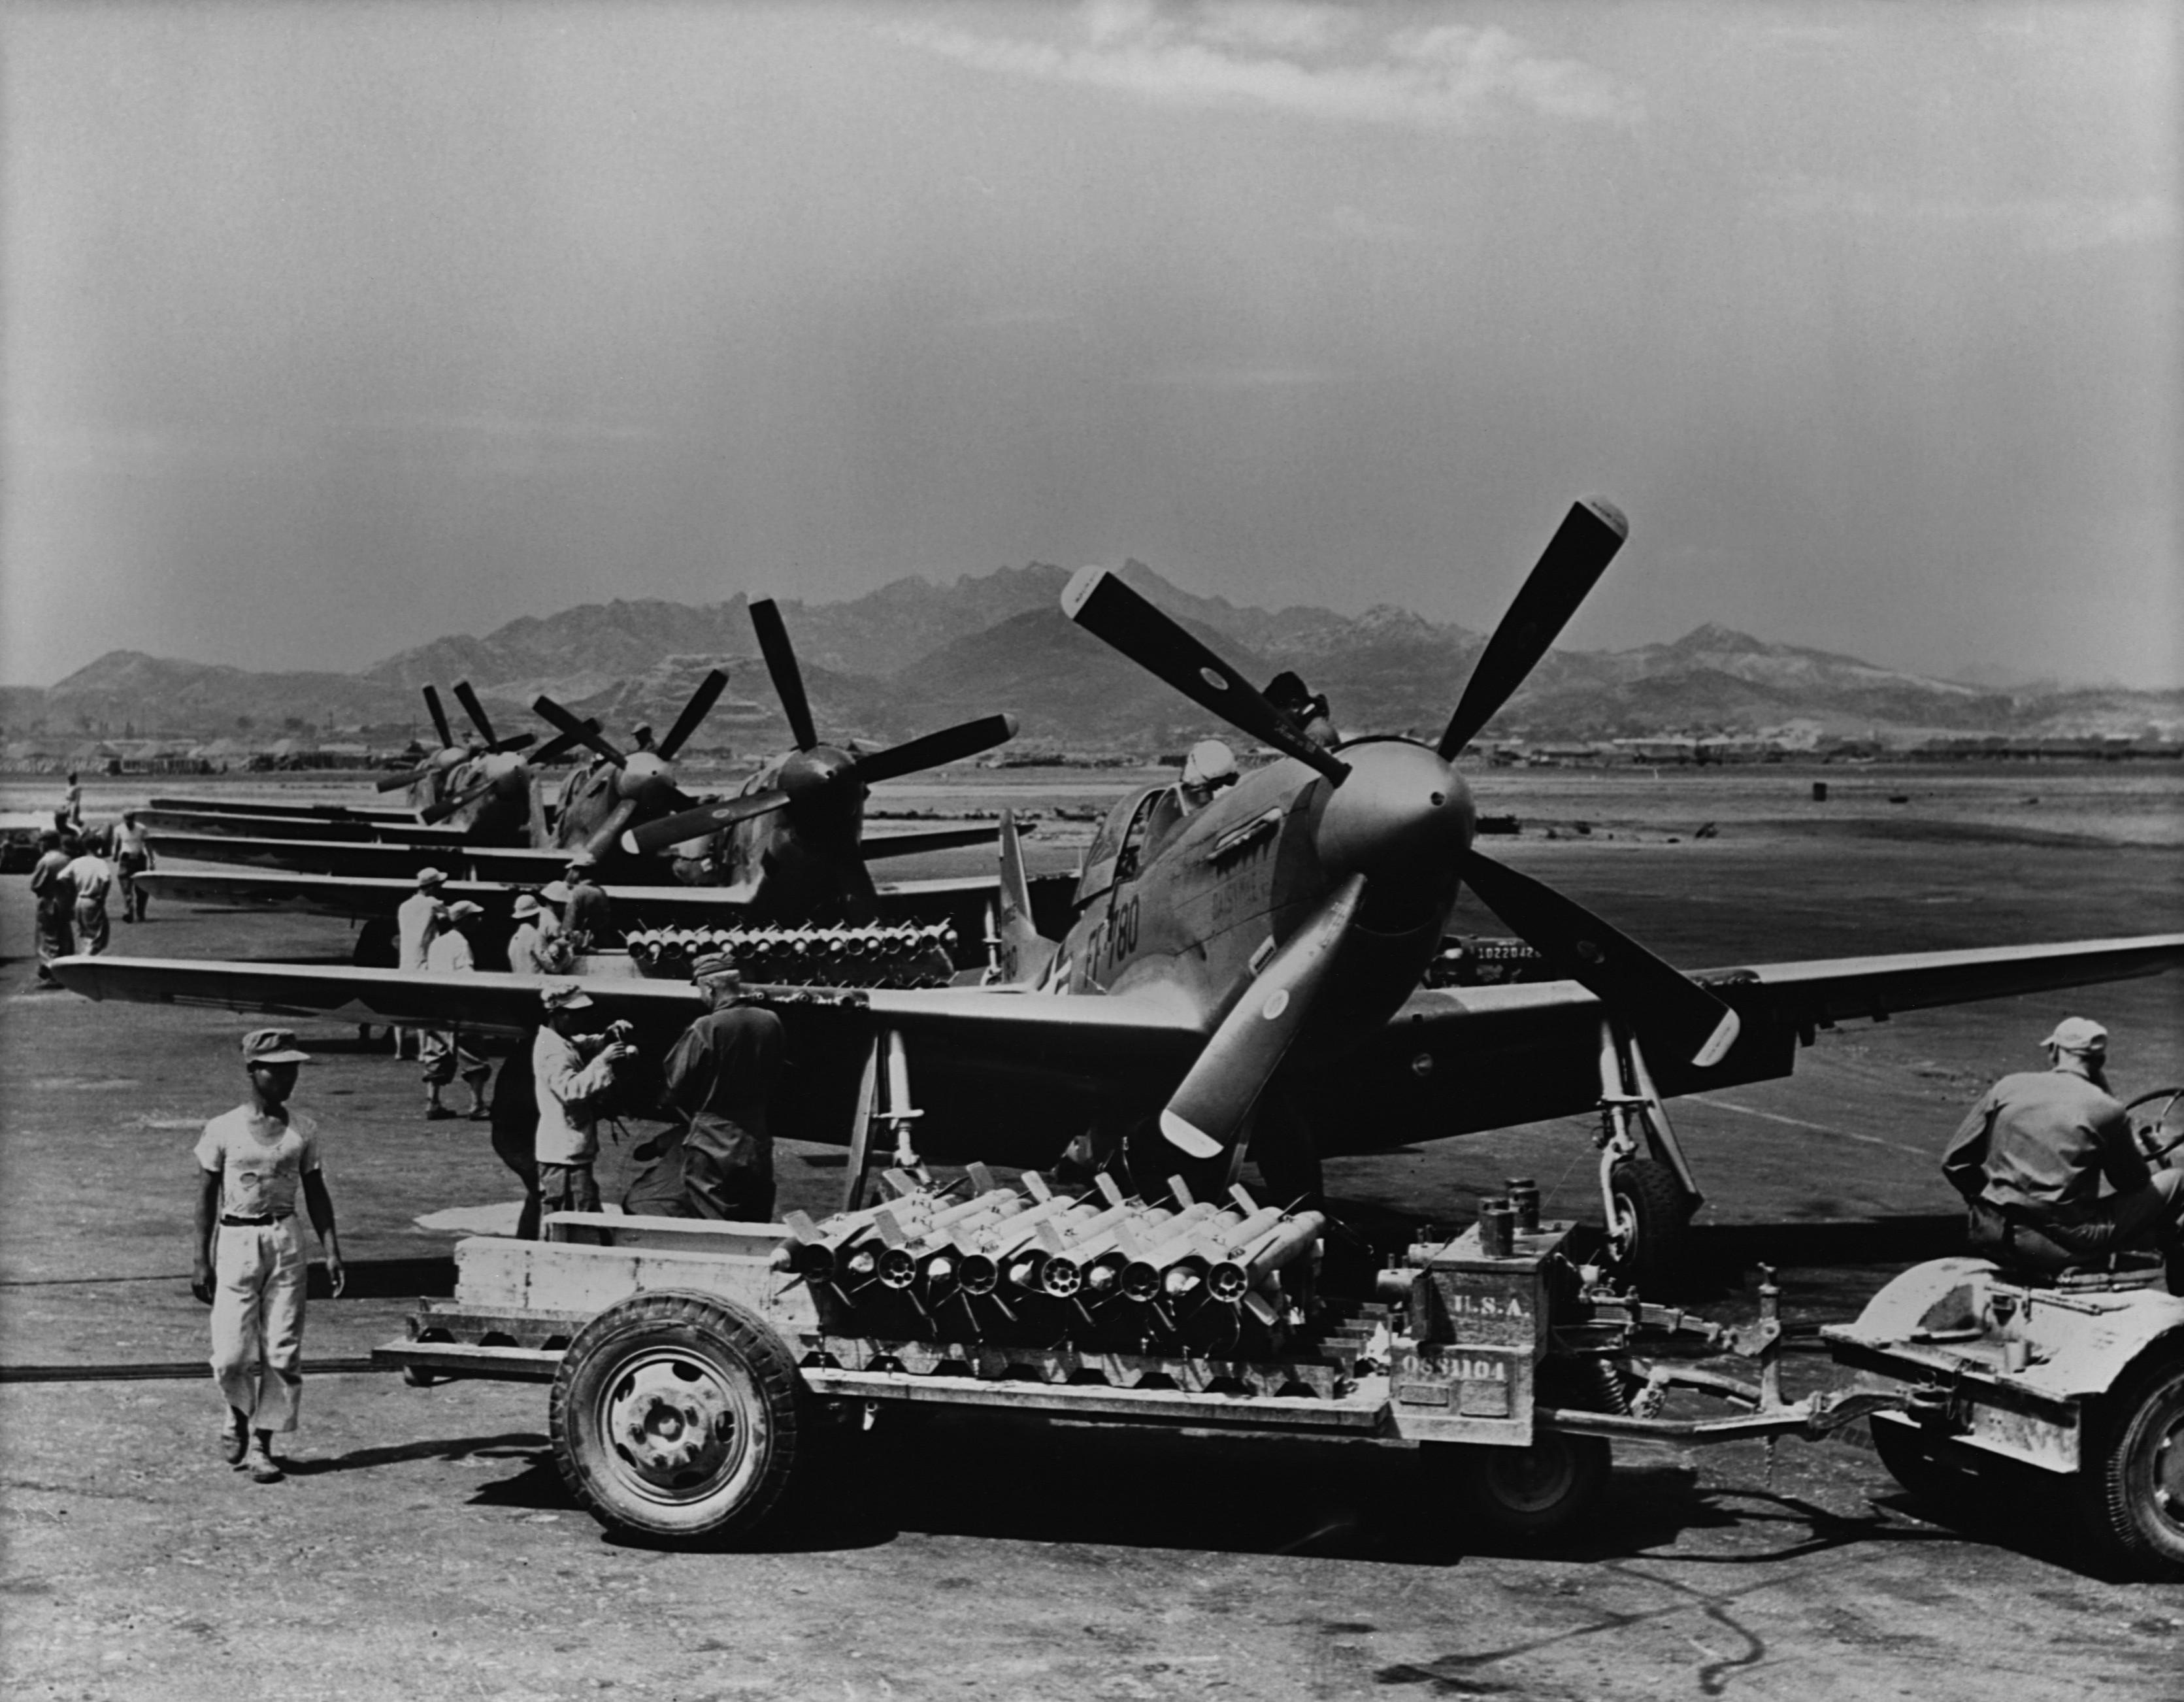 Korean War Aircraft Aircraft World War ii